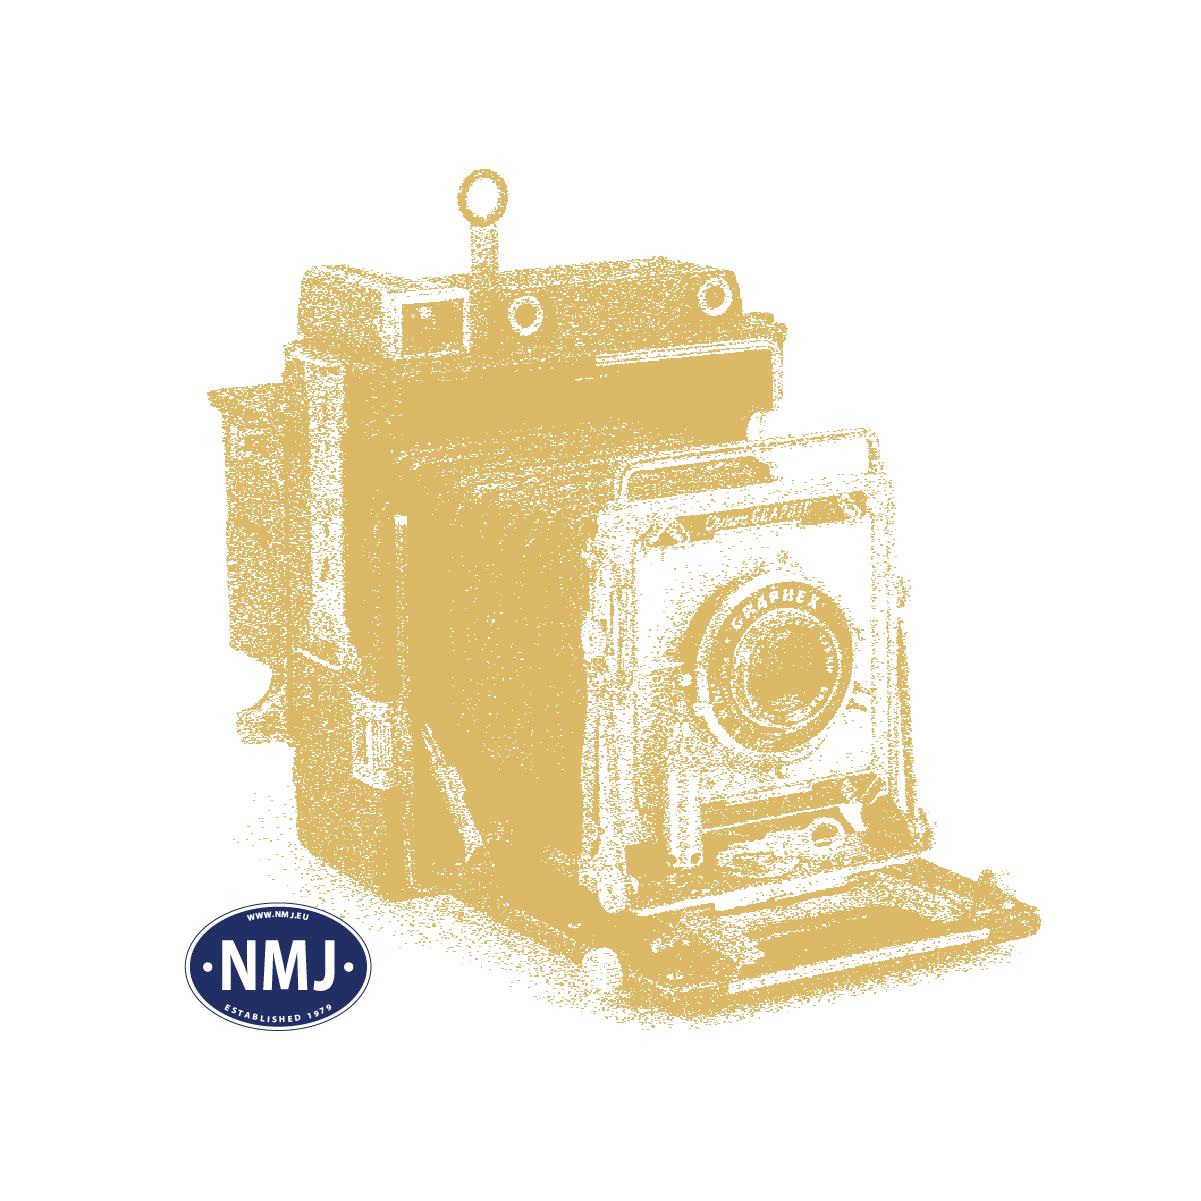 NMJT9928 - Røde speil for El11